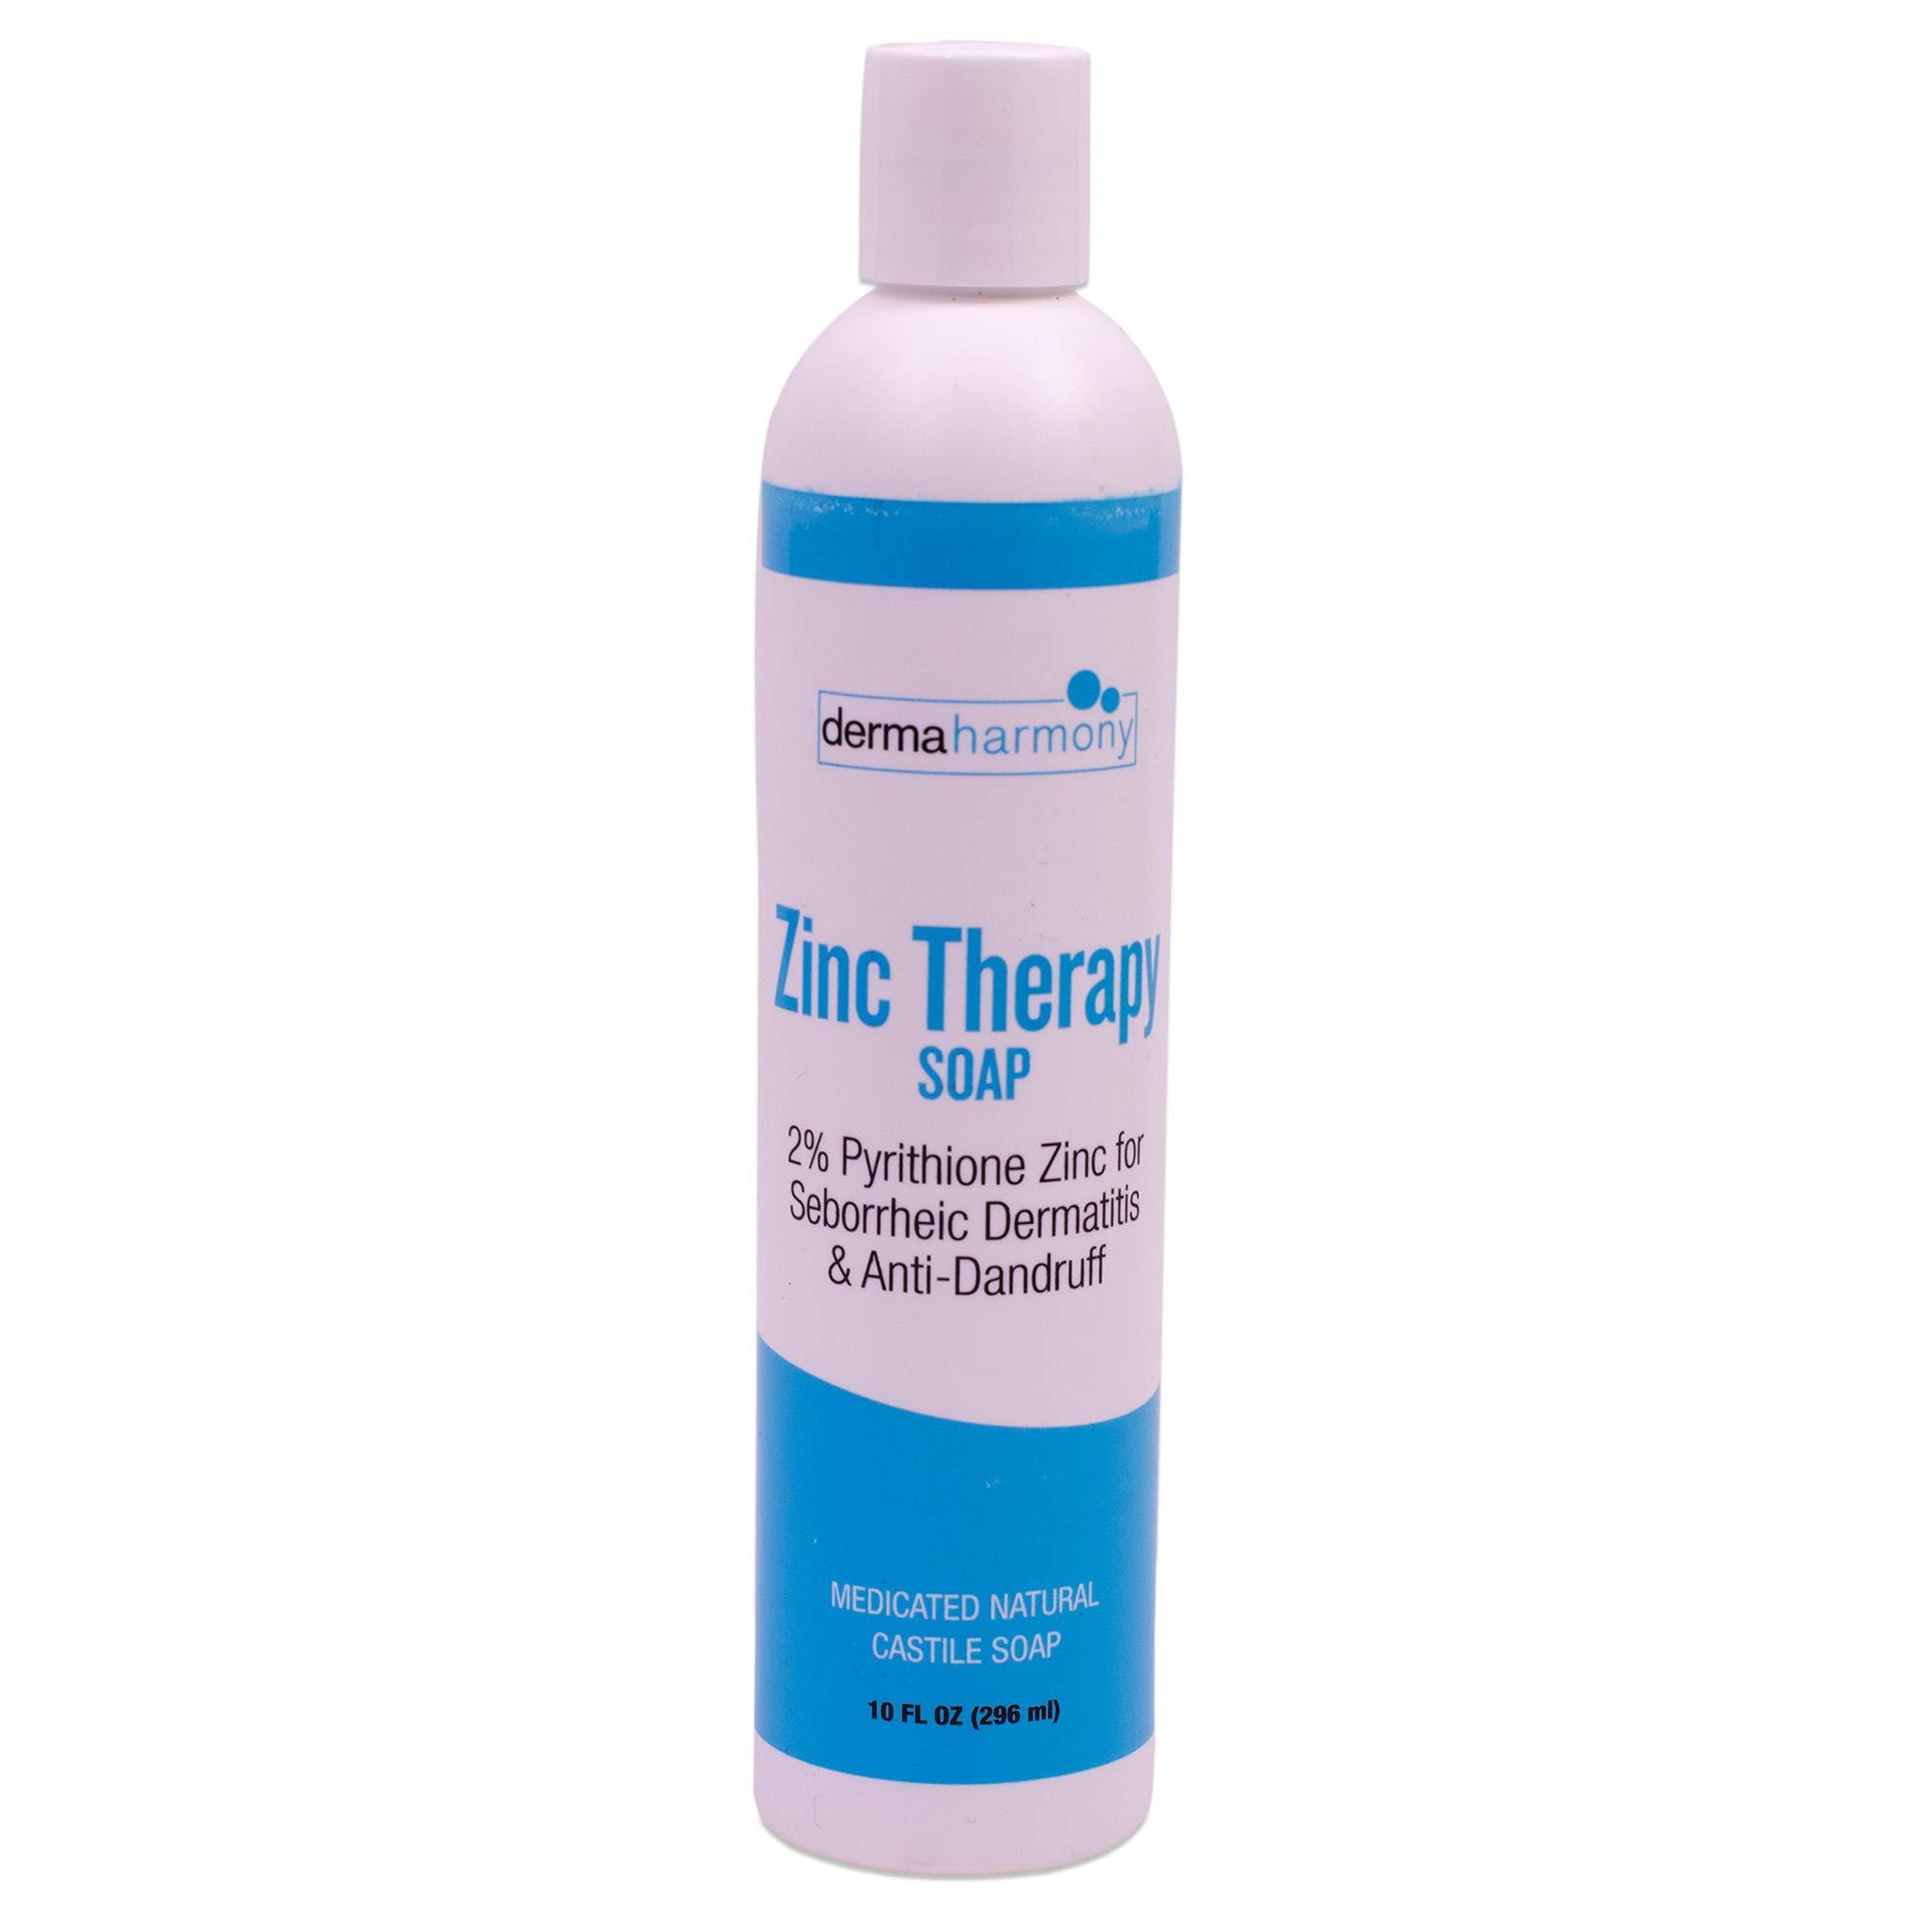 DermaHarmony 2% Pyrithione Zinc (ZnP) Liquid Castile Soap (10 Fl Oz Bottle)